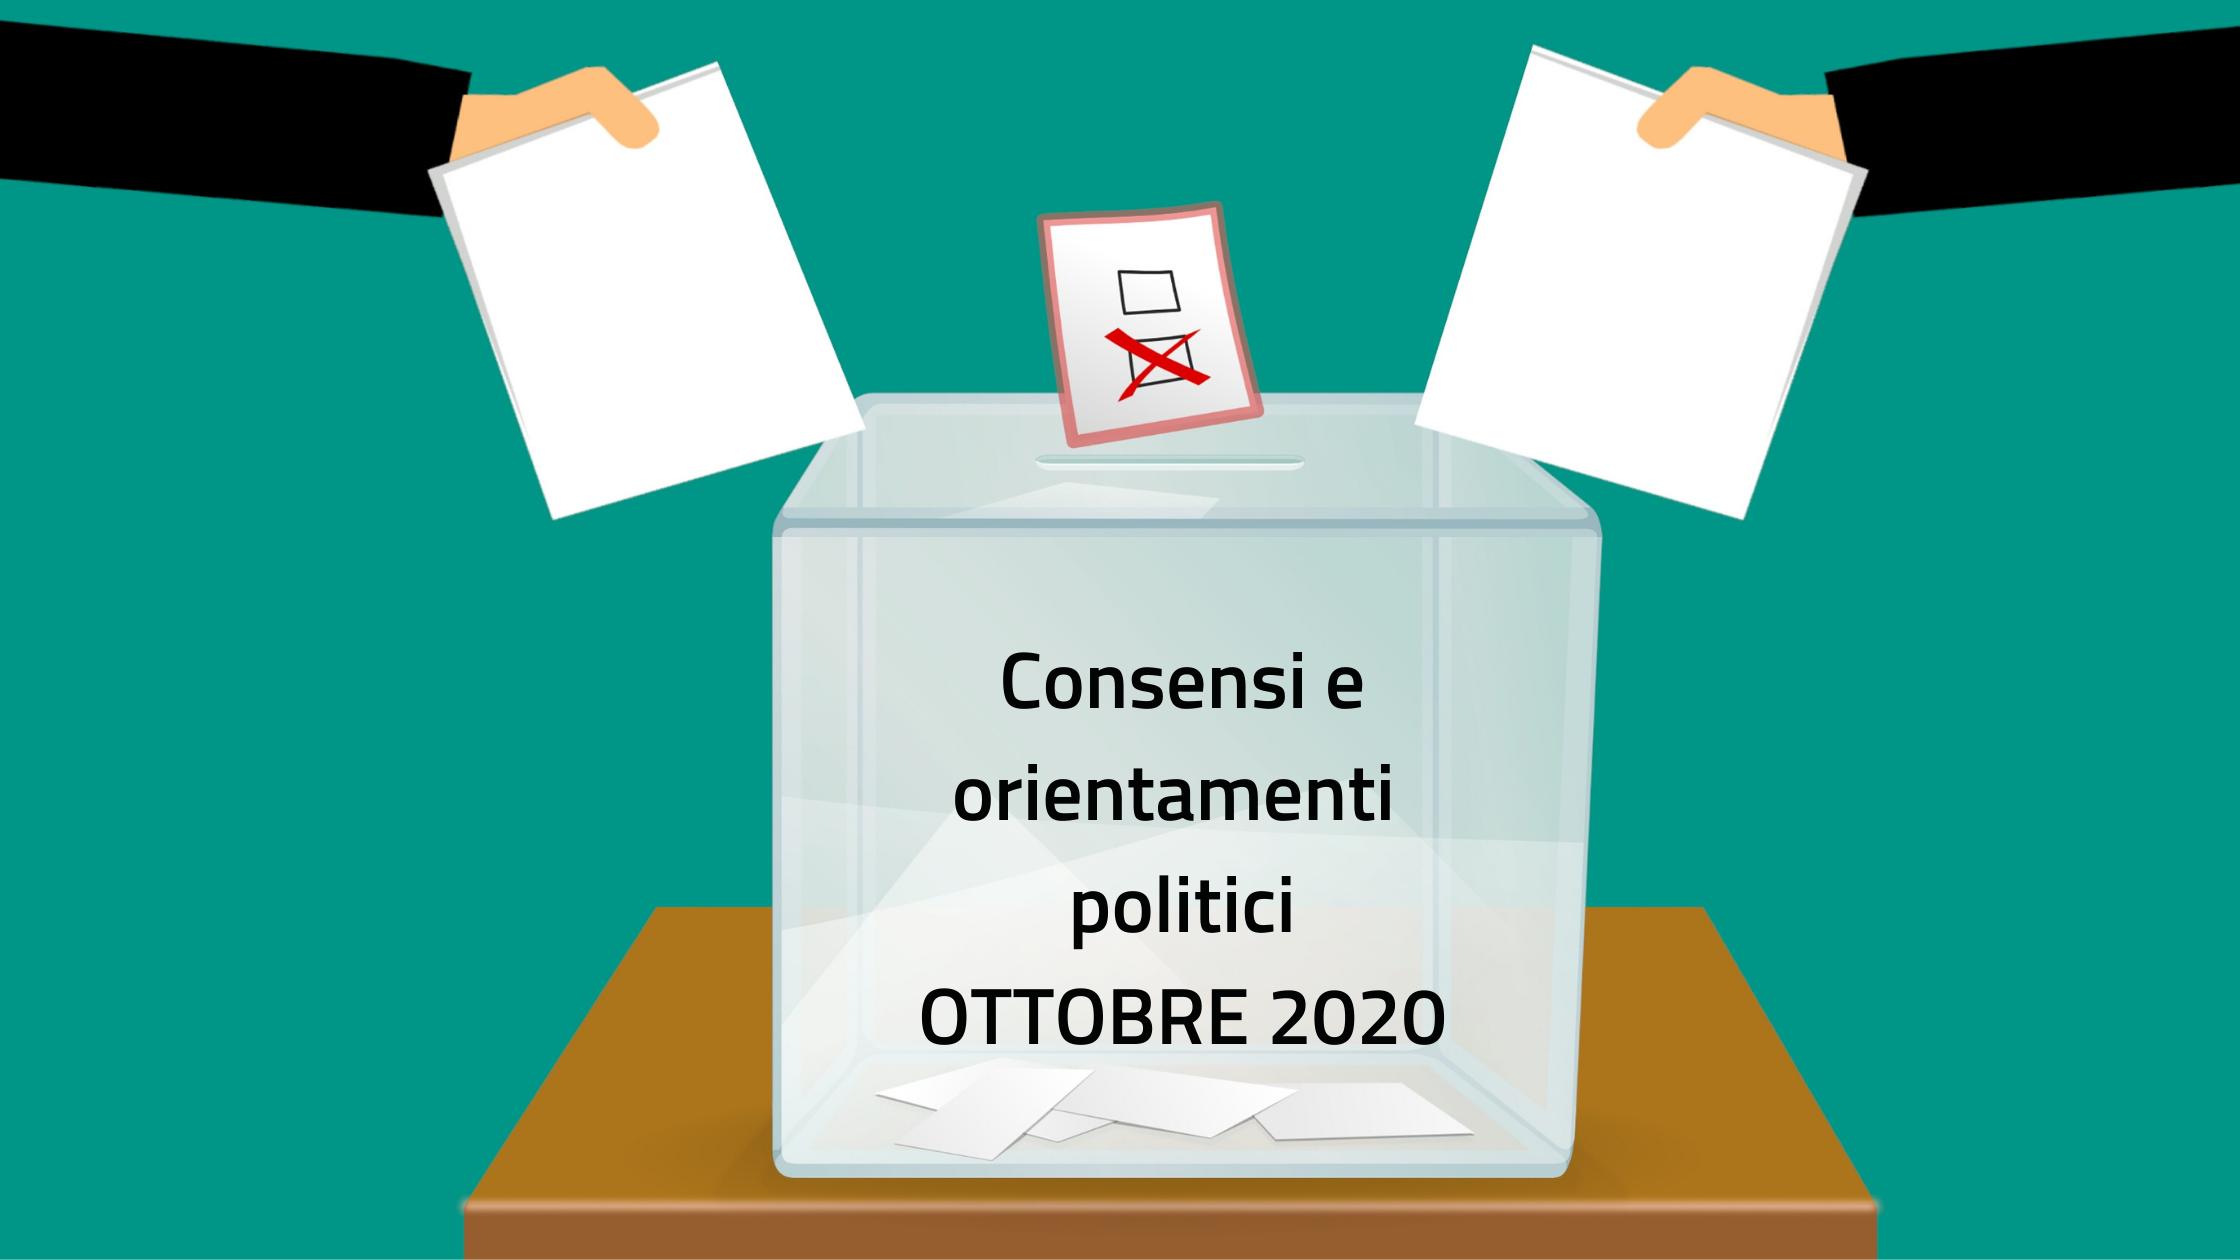 Consensi e orientamenti politici ottobre 2020.png